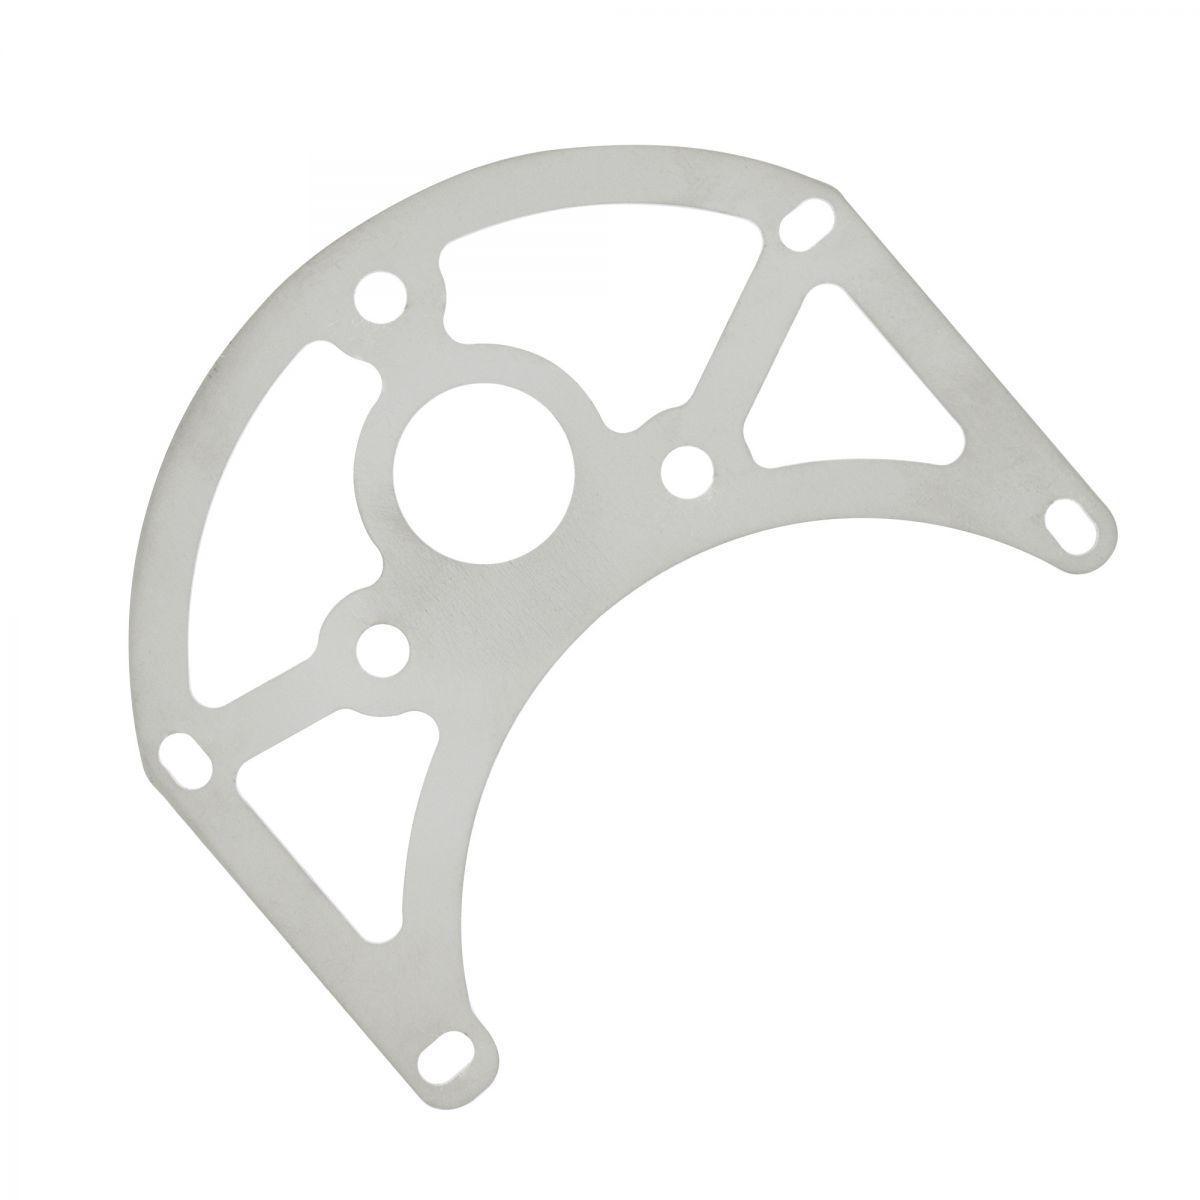 motor plate for dc motor pipefeeder